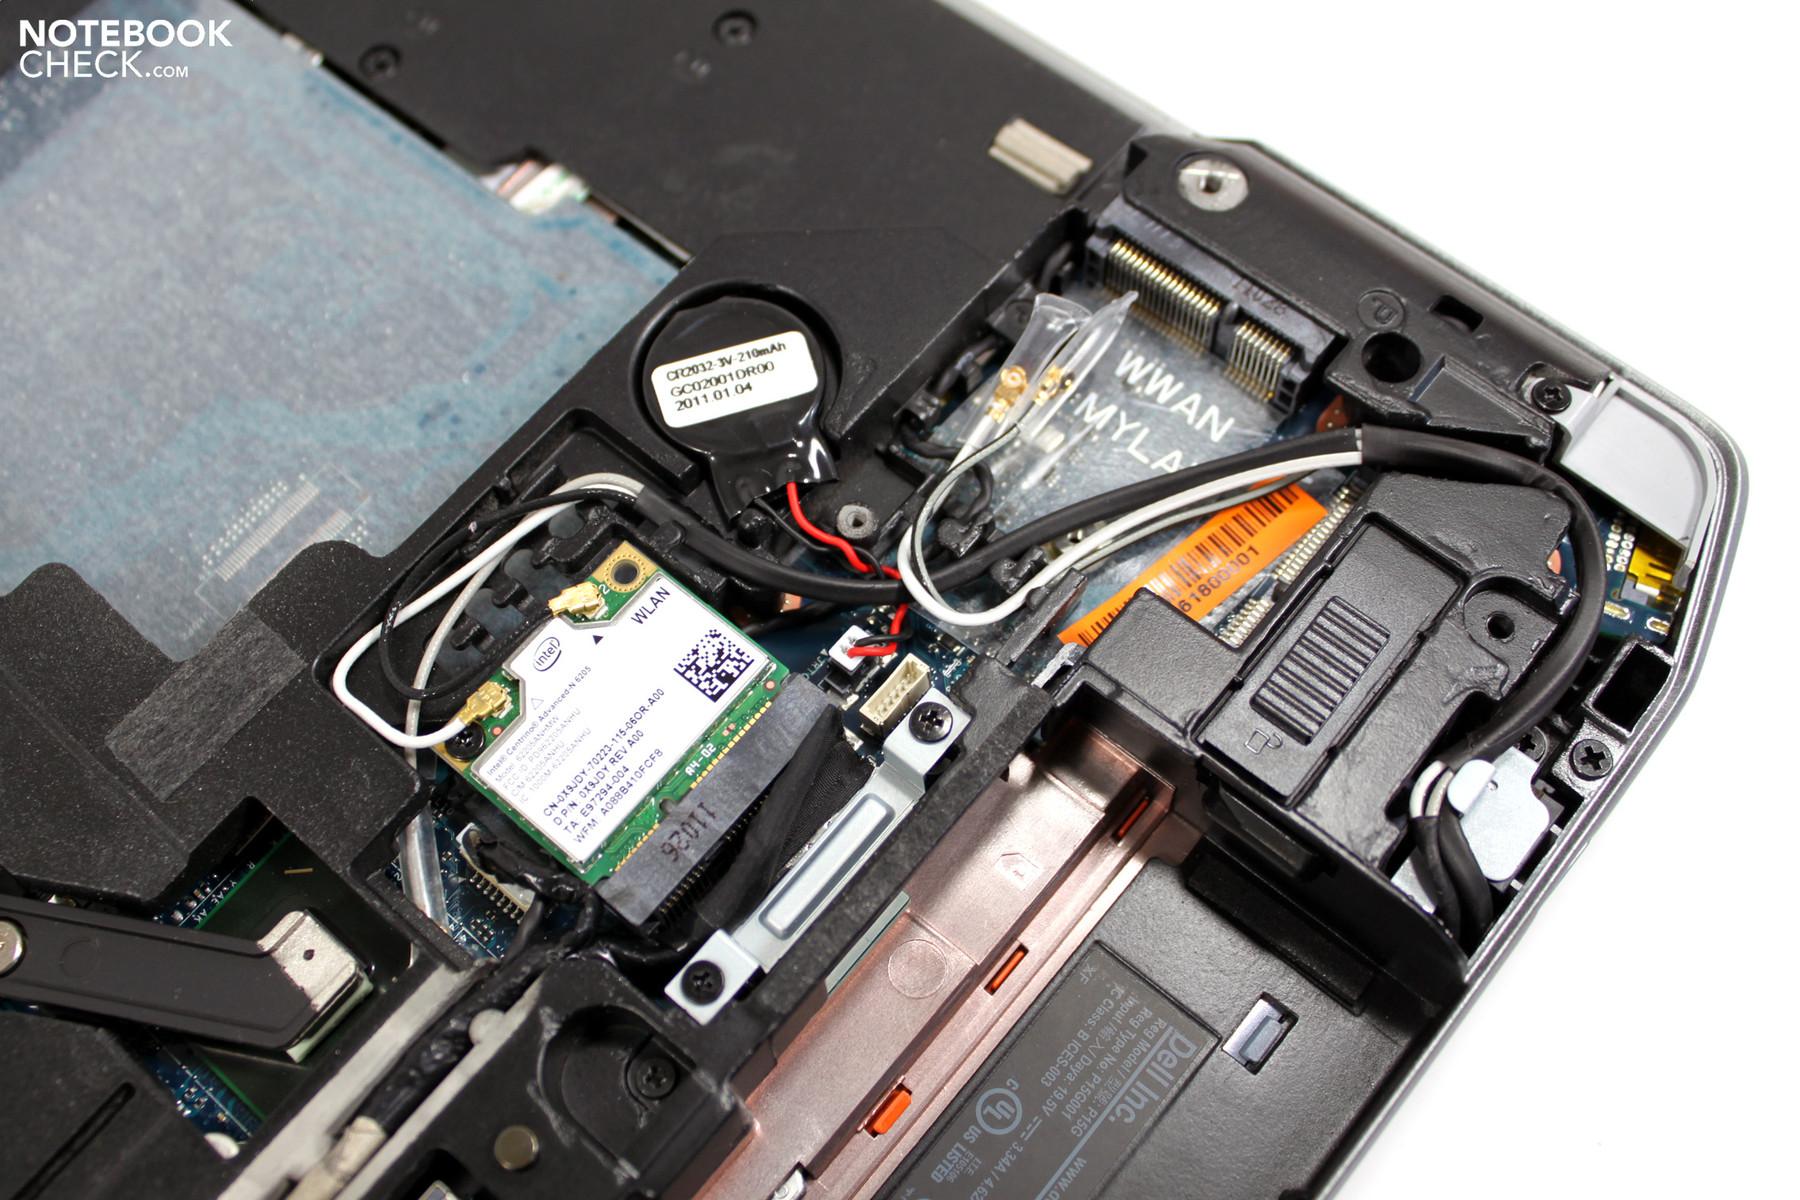 ngoại hình Laptop Dell Latitude E6330